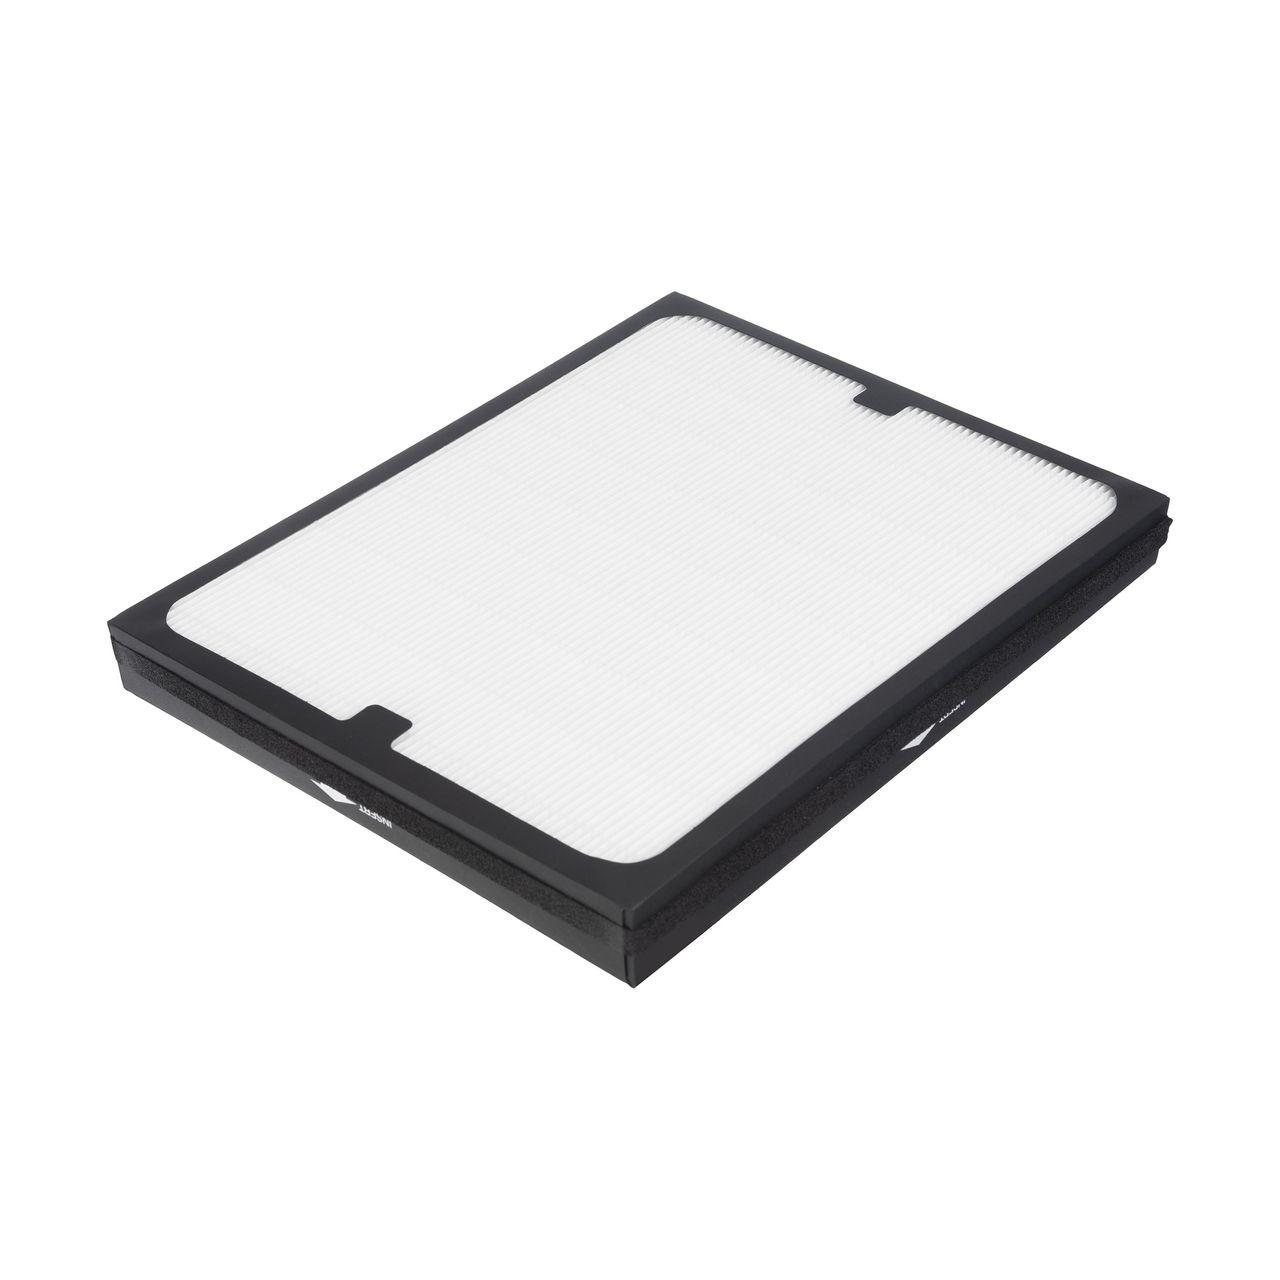 فیلتر دستگاه تصفیه کننده هوا بلوایر مدل SmokeStop